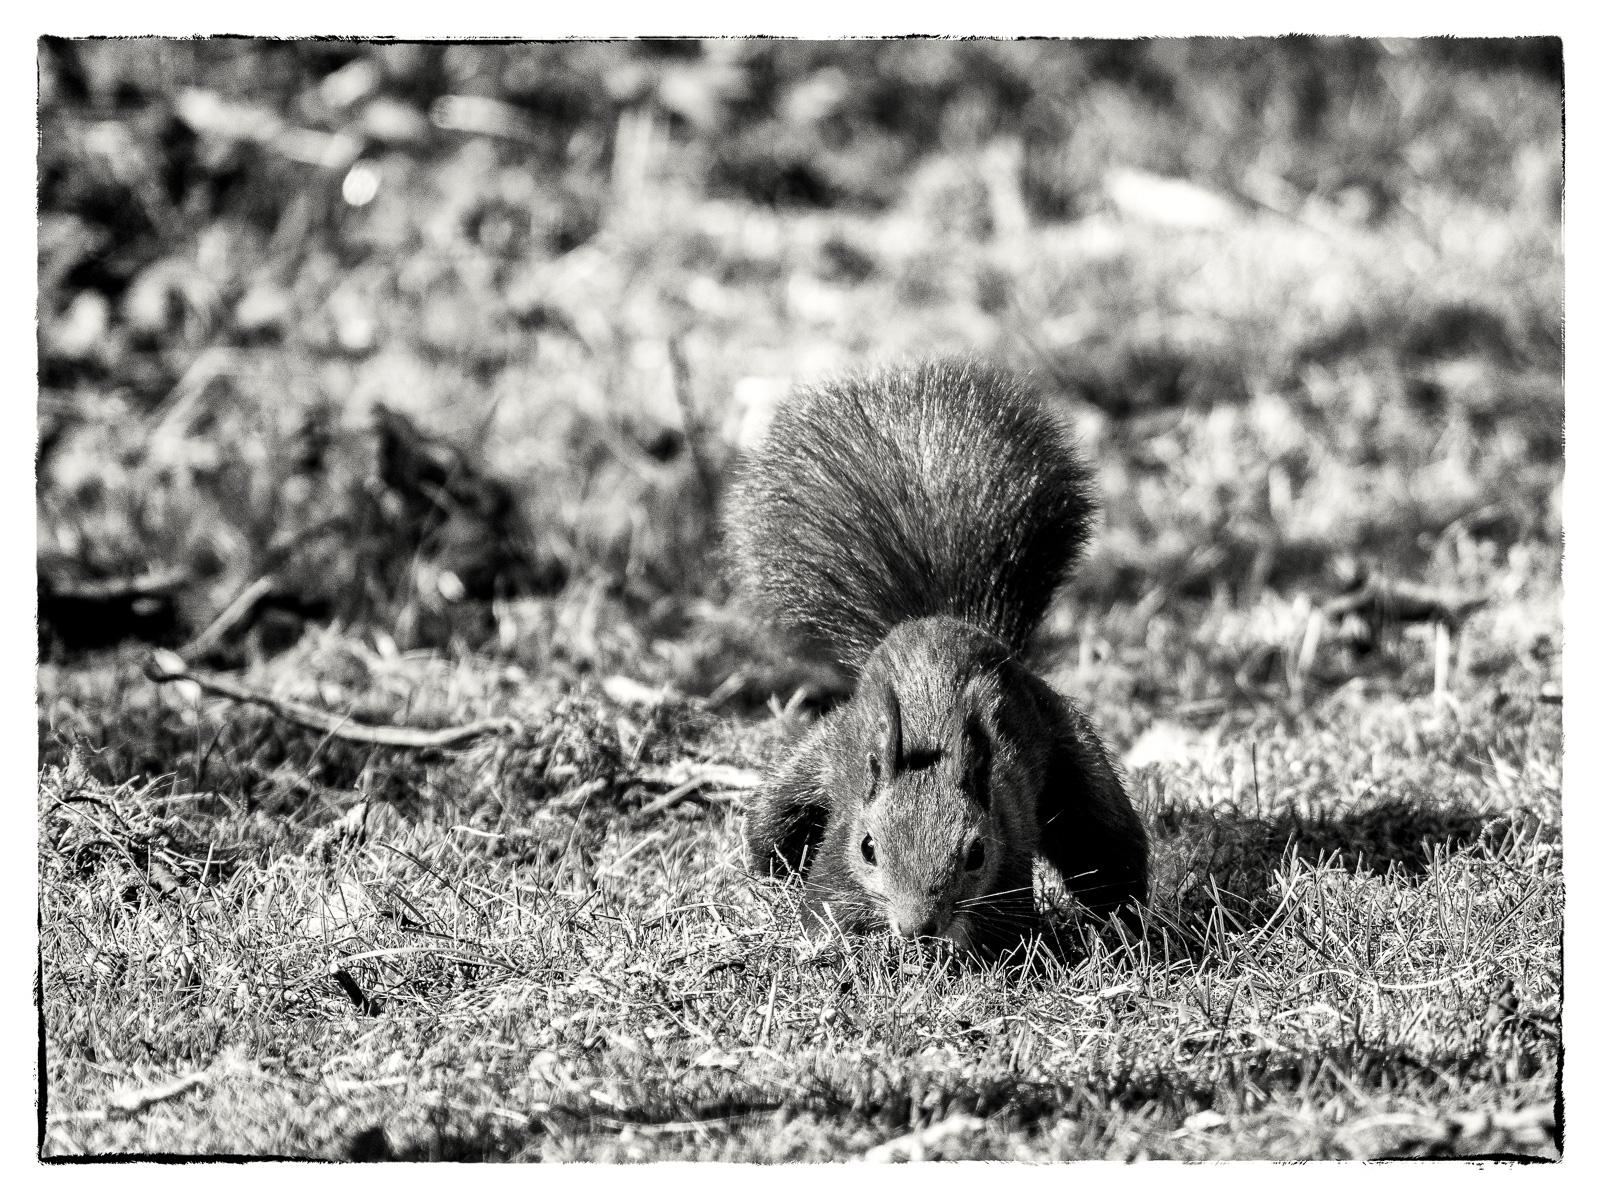 Eichhörnchen, frontal aufgenommen, mit Betonung auf den puschligen Schwanz